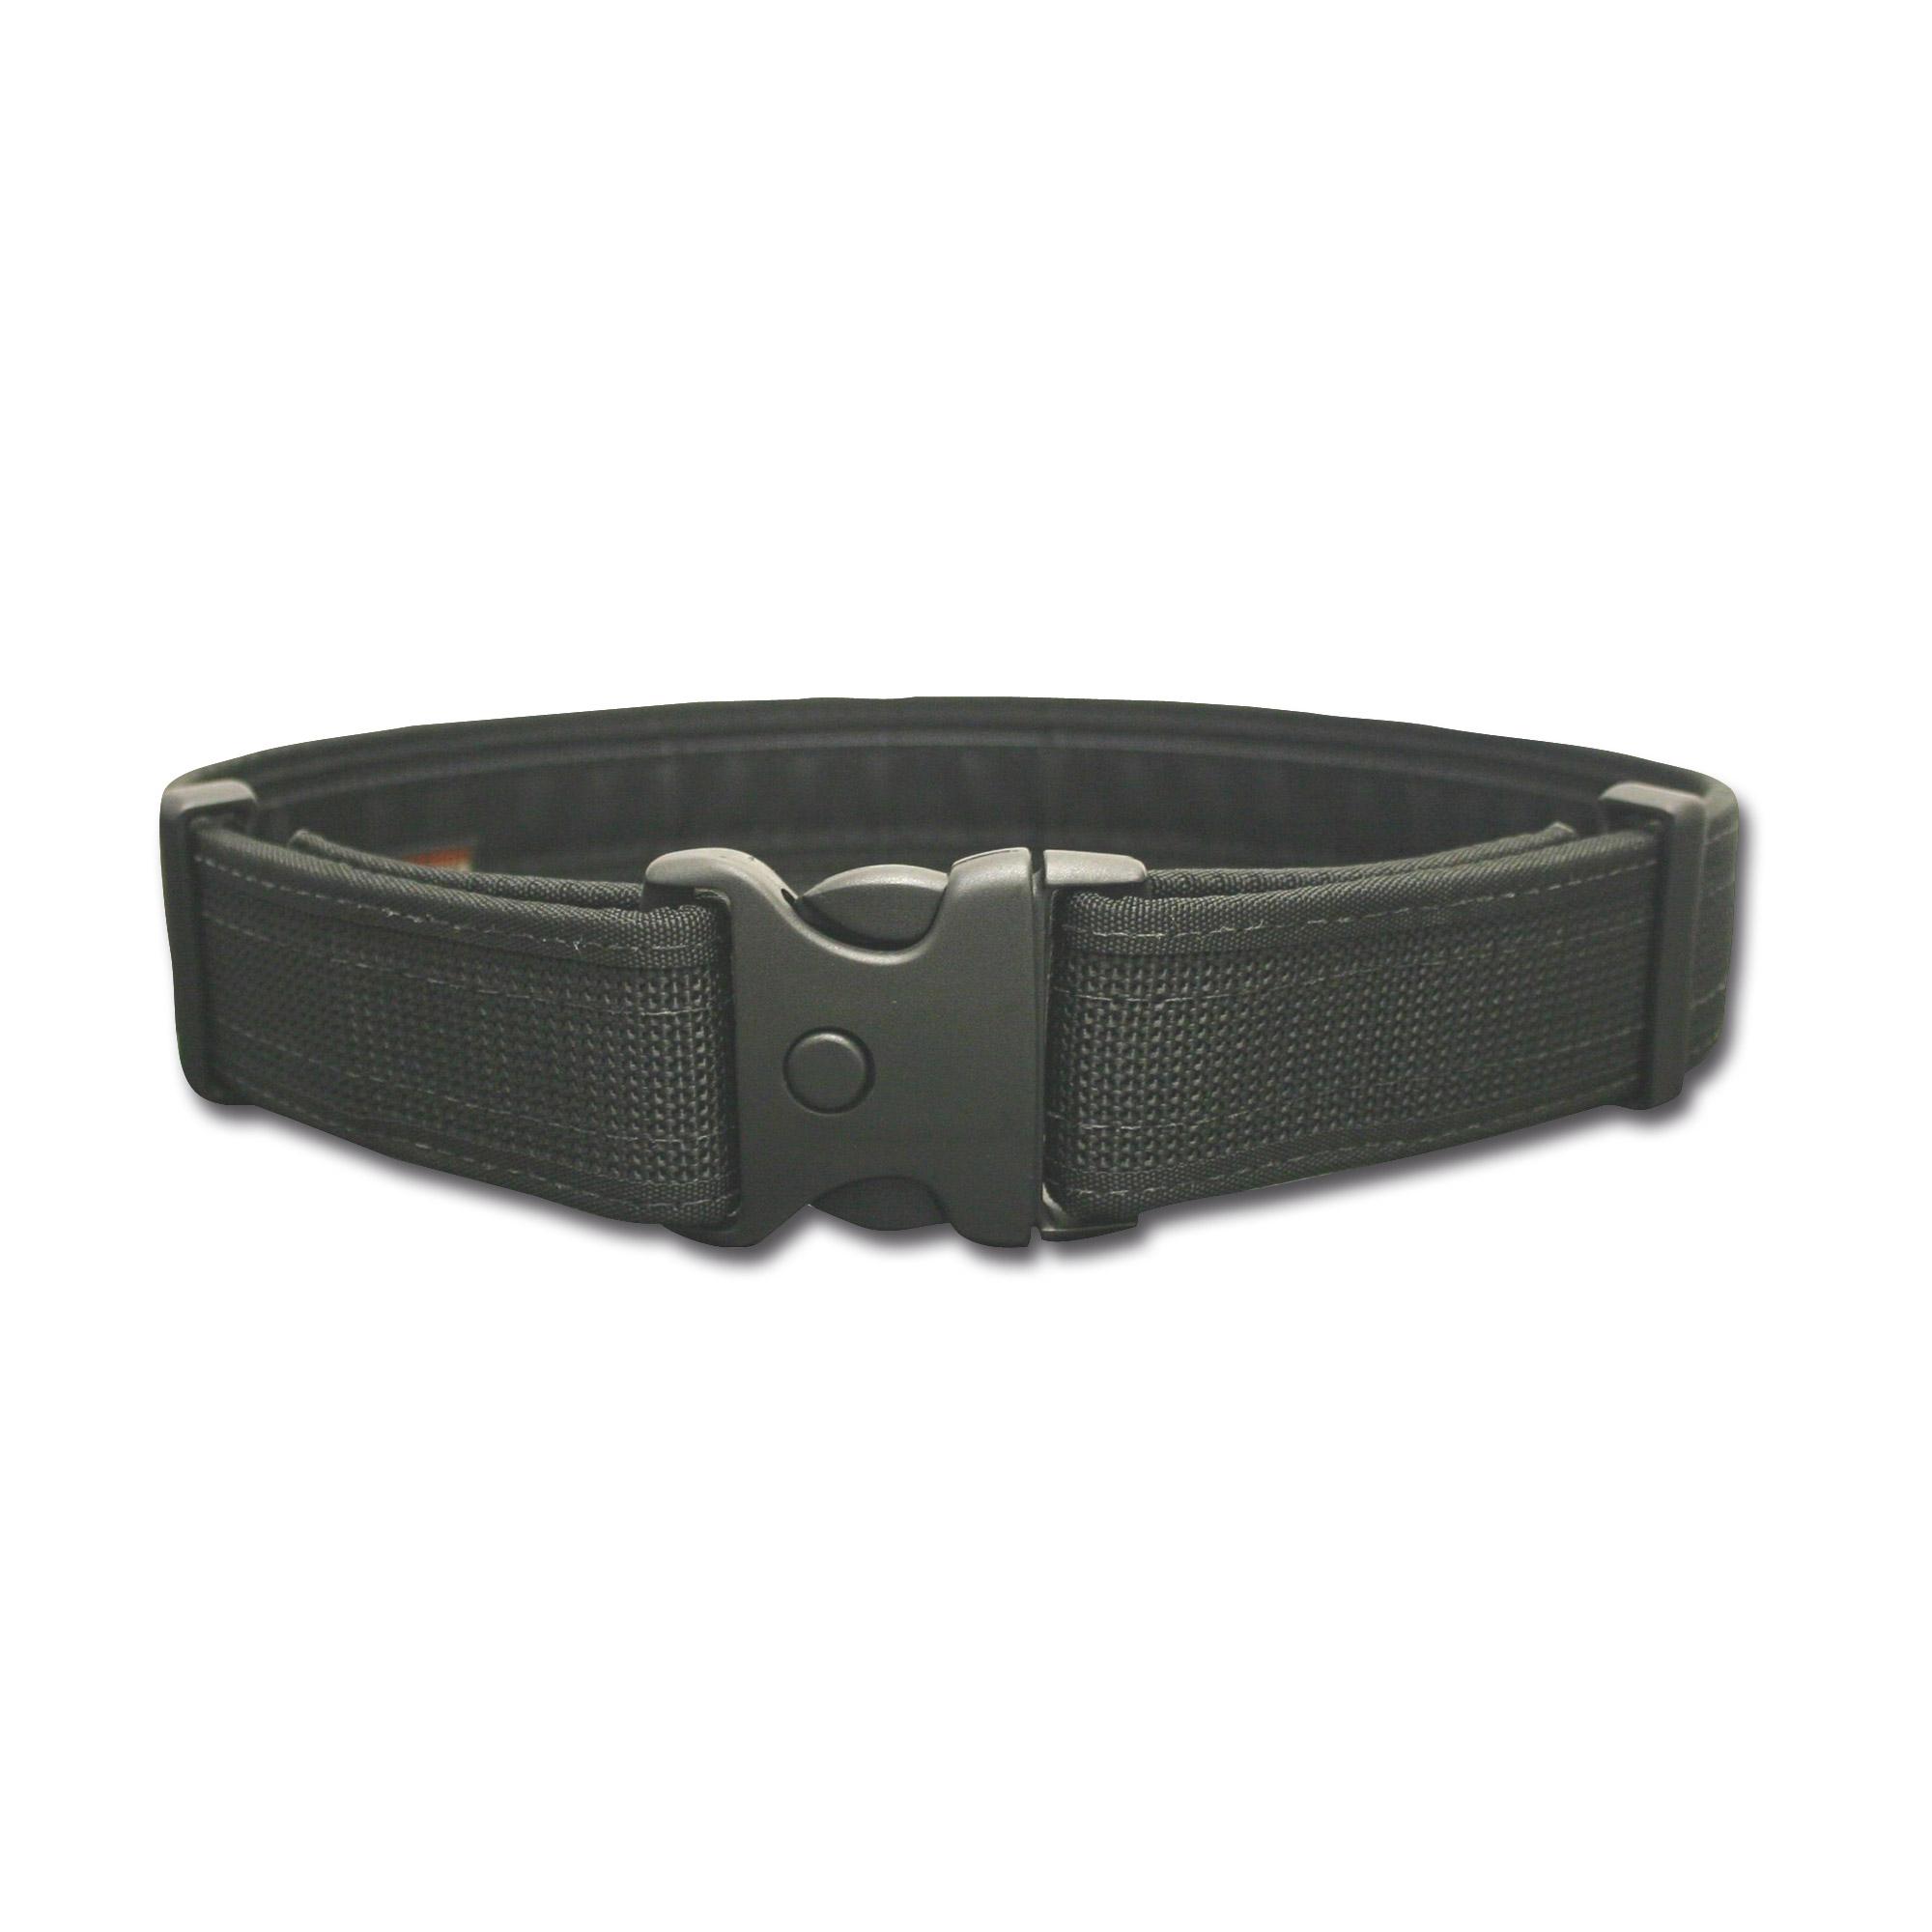 Koppel Uncle Mike's Duty Belt